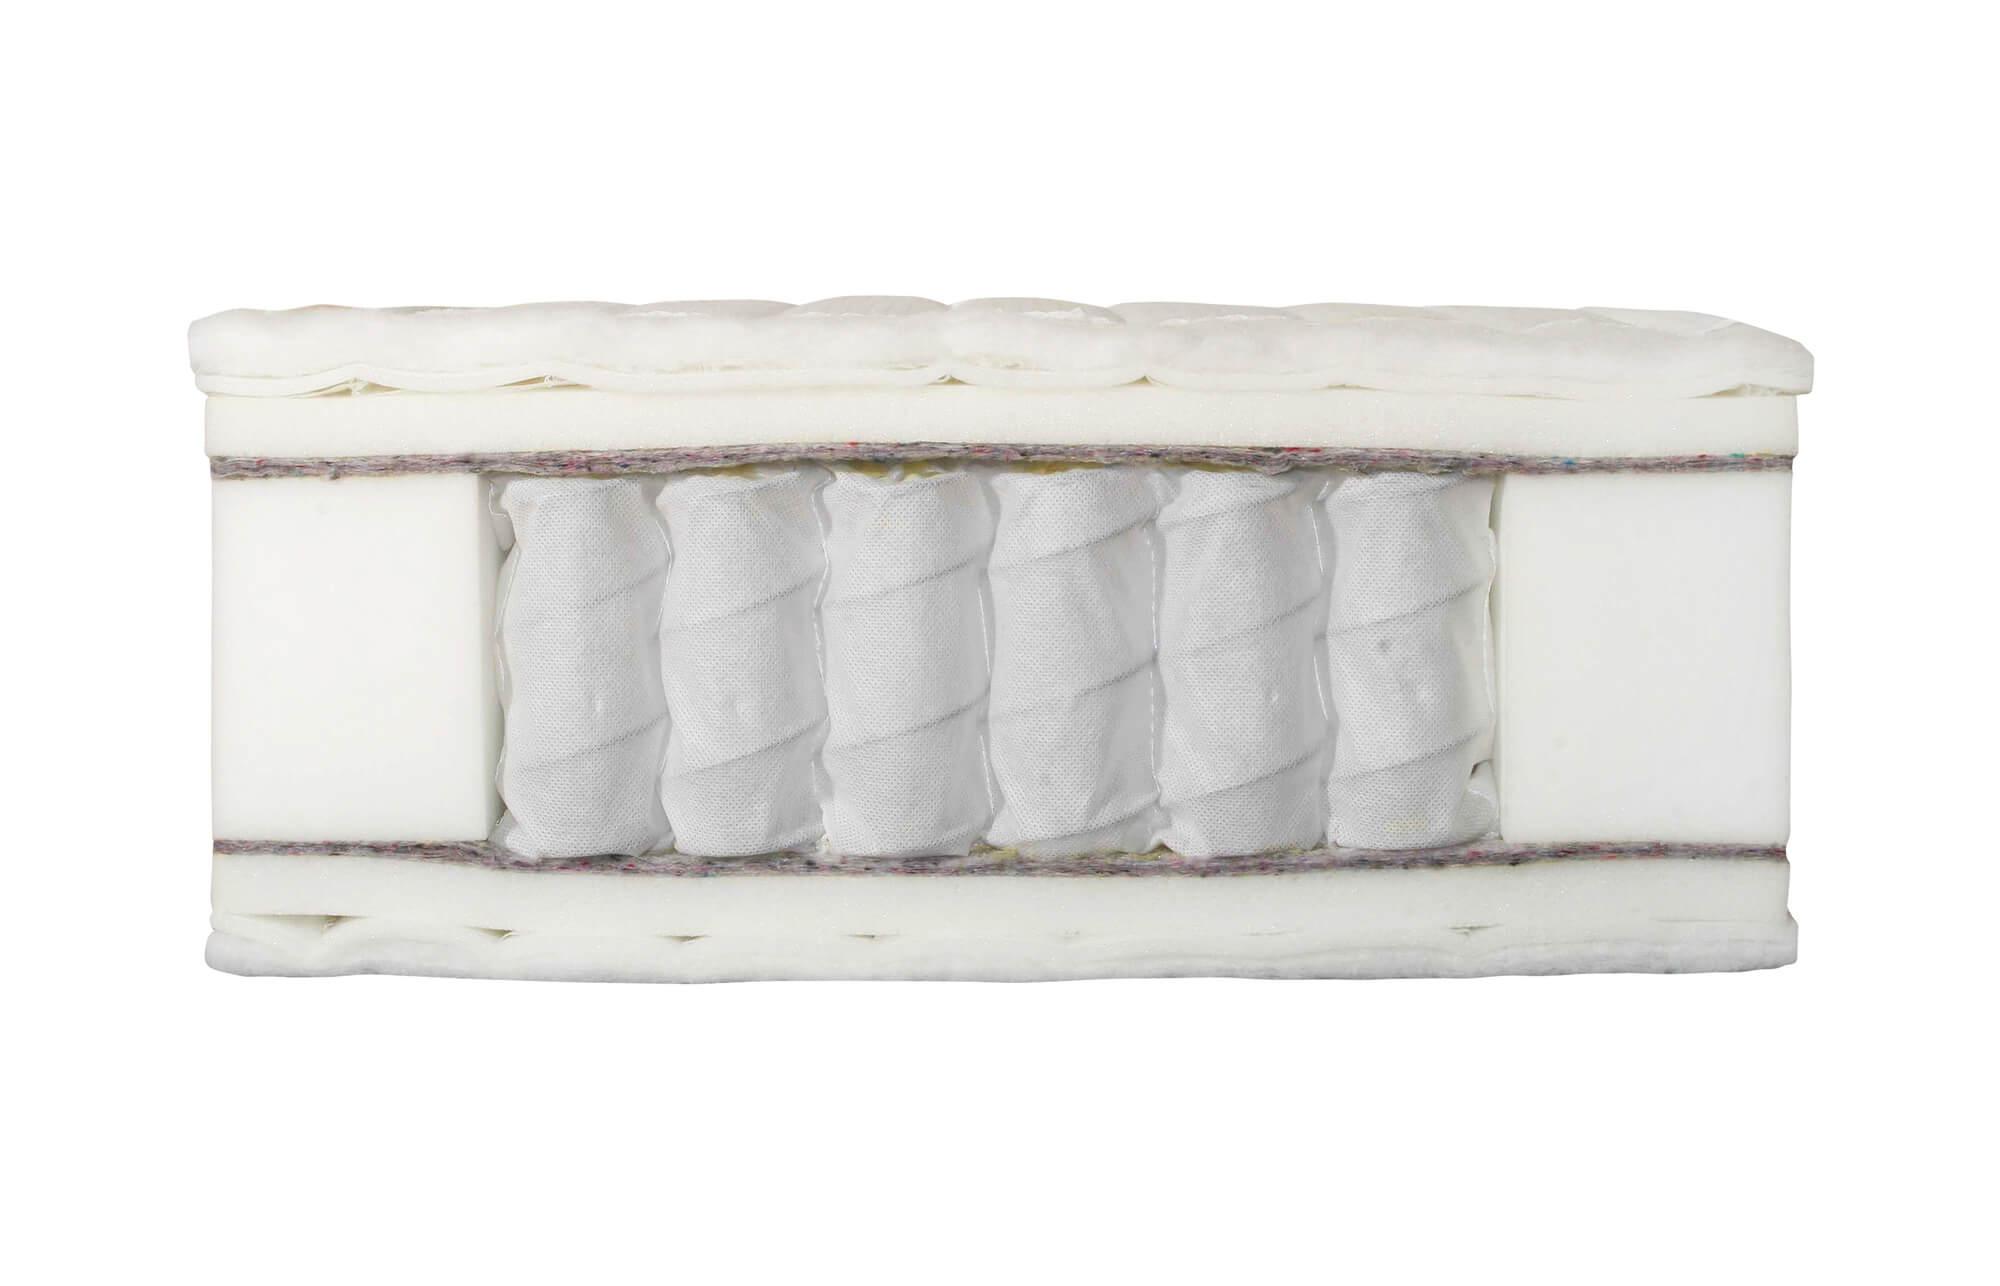 pocket coil mattress internal view